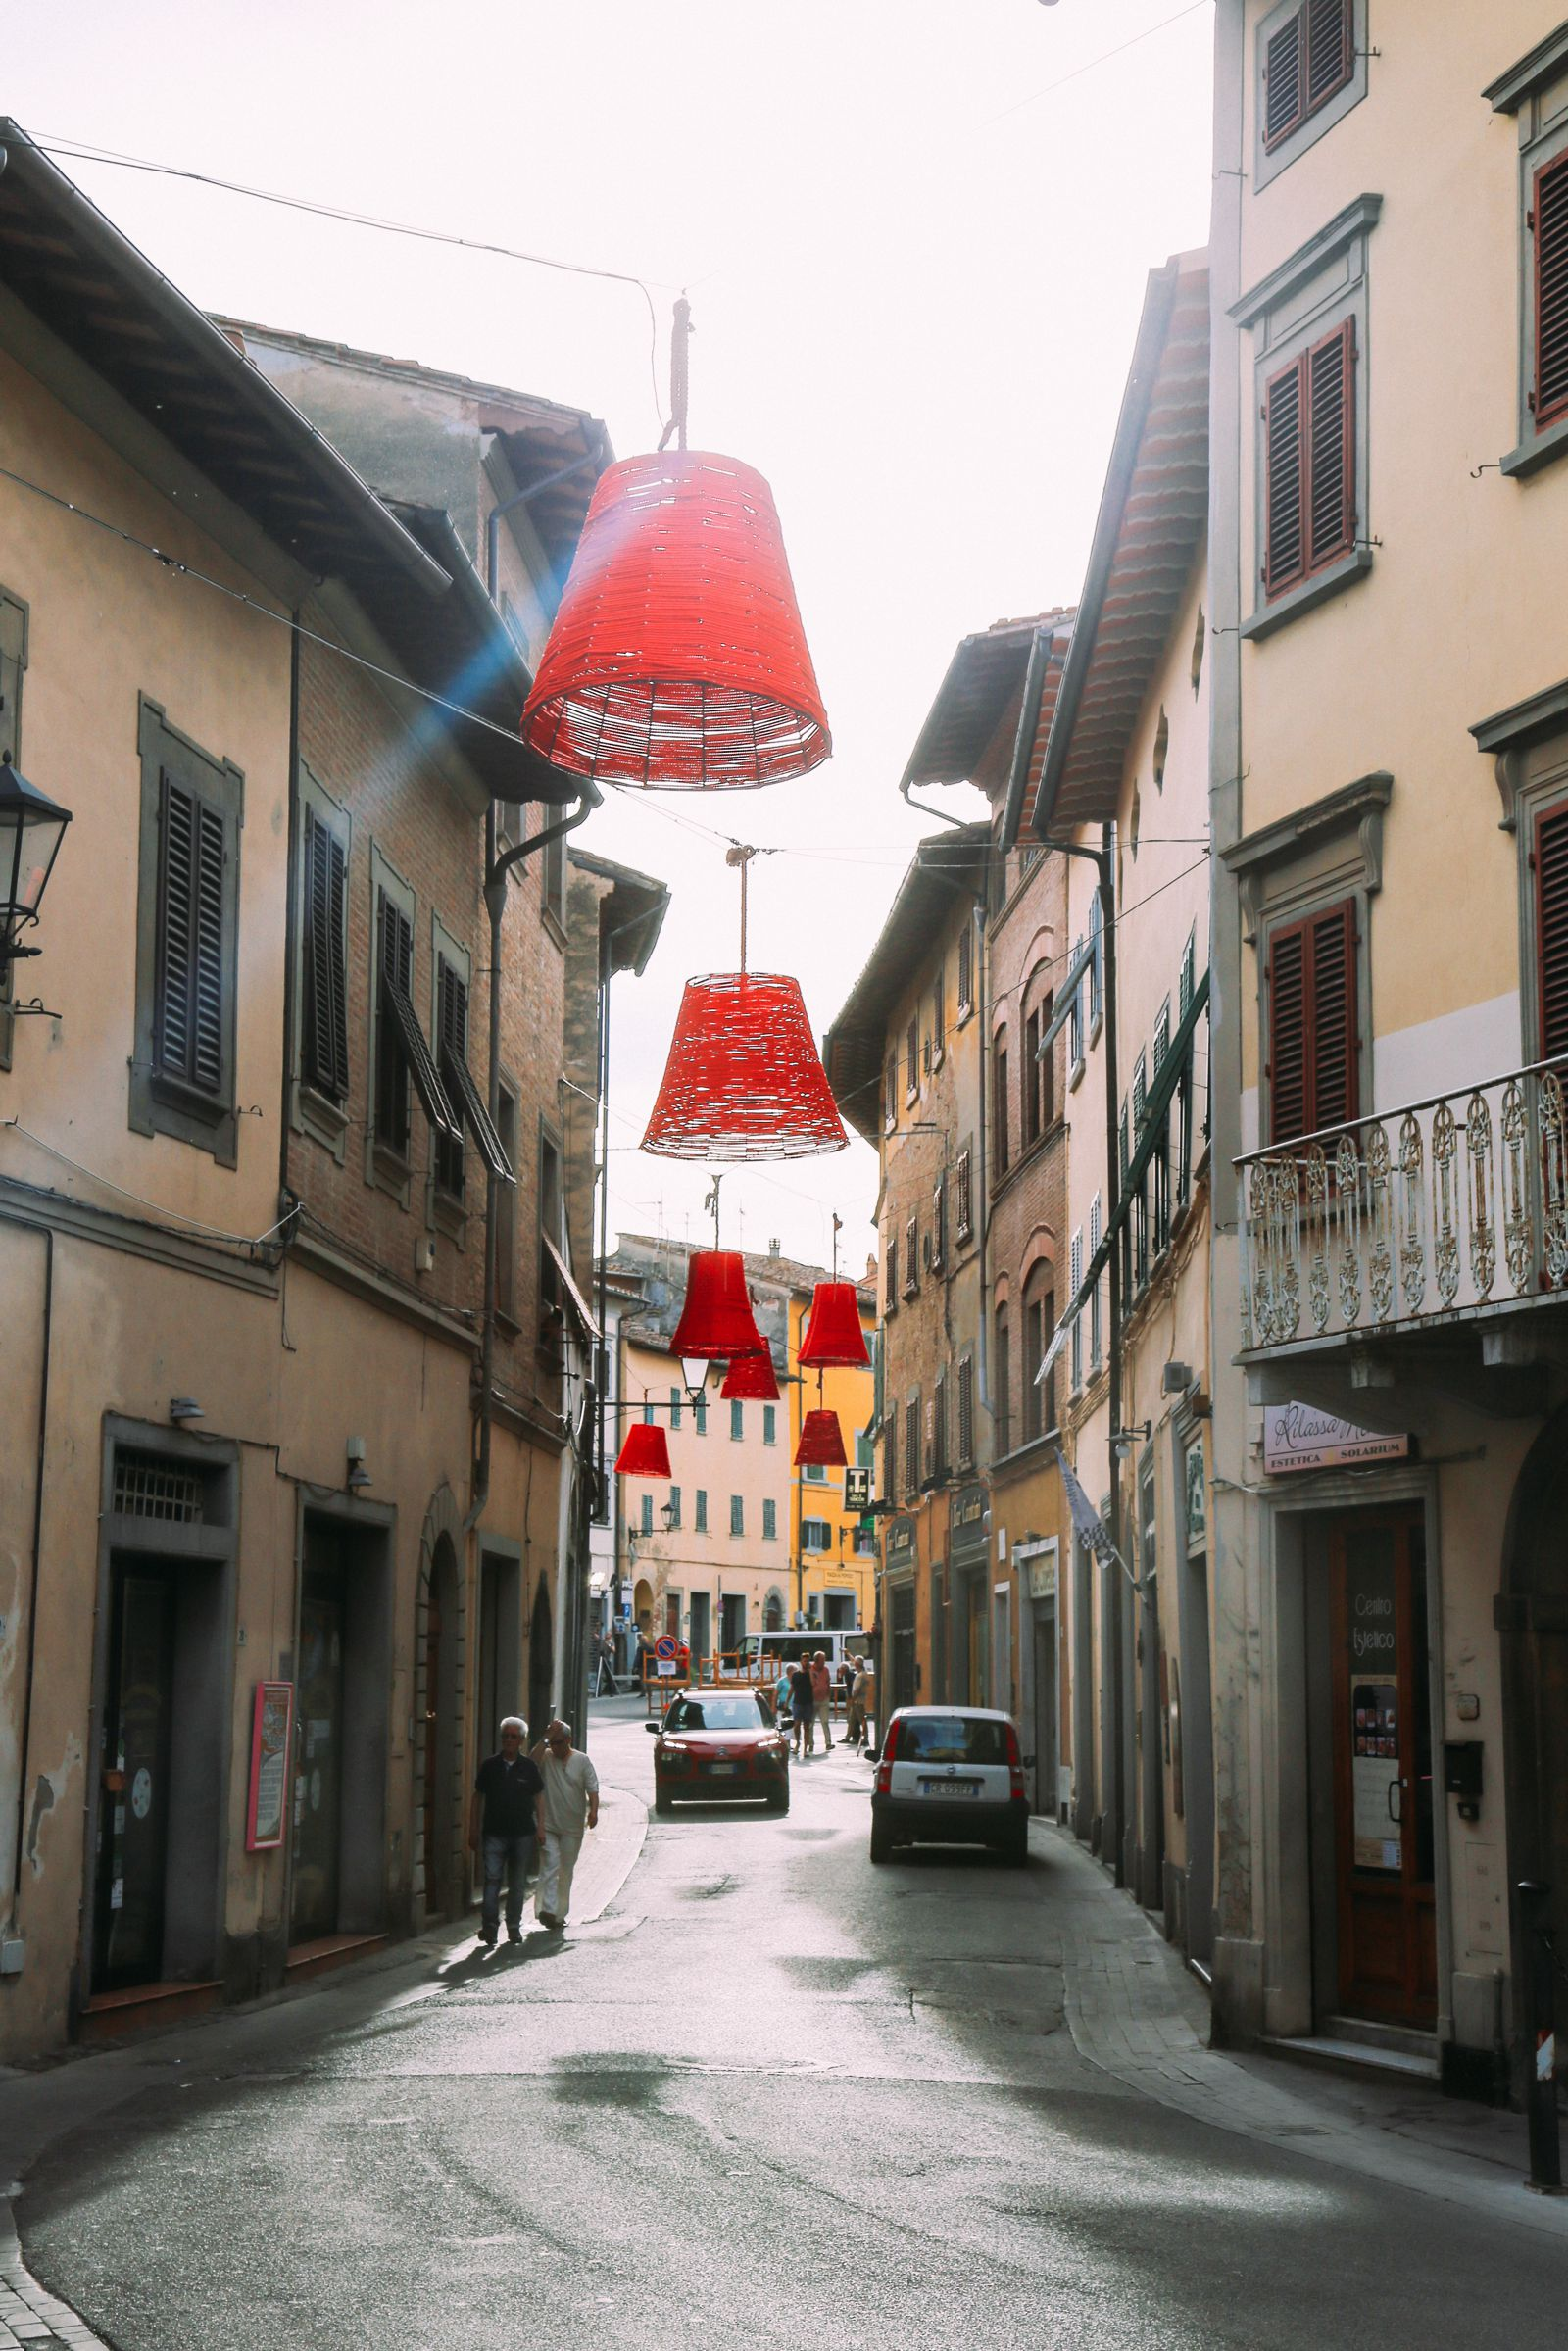 The Beautiful Tuscan Town Of San Miniato, Italy (18)